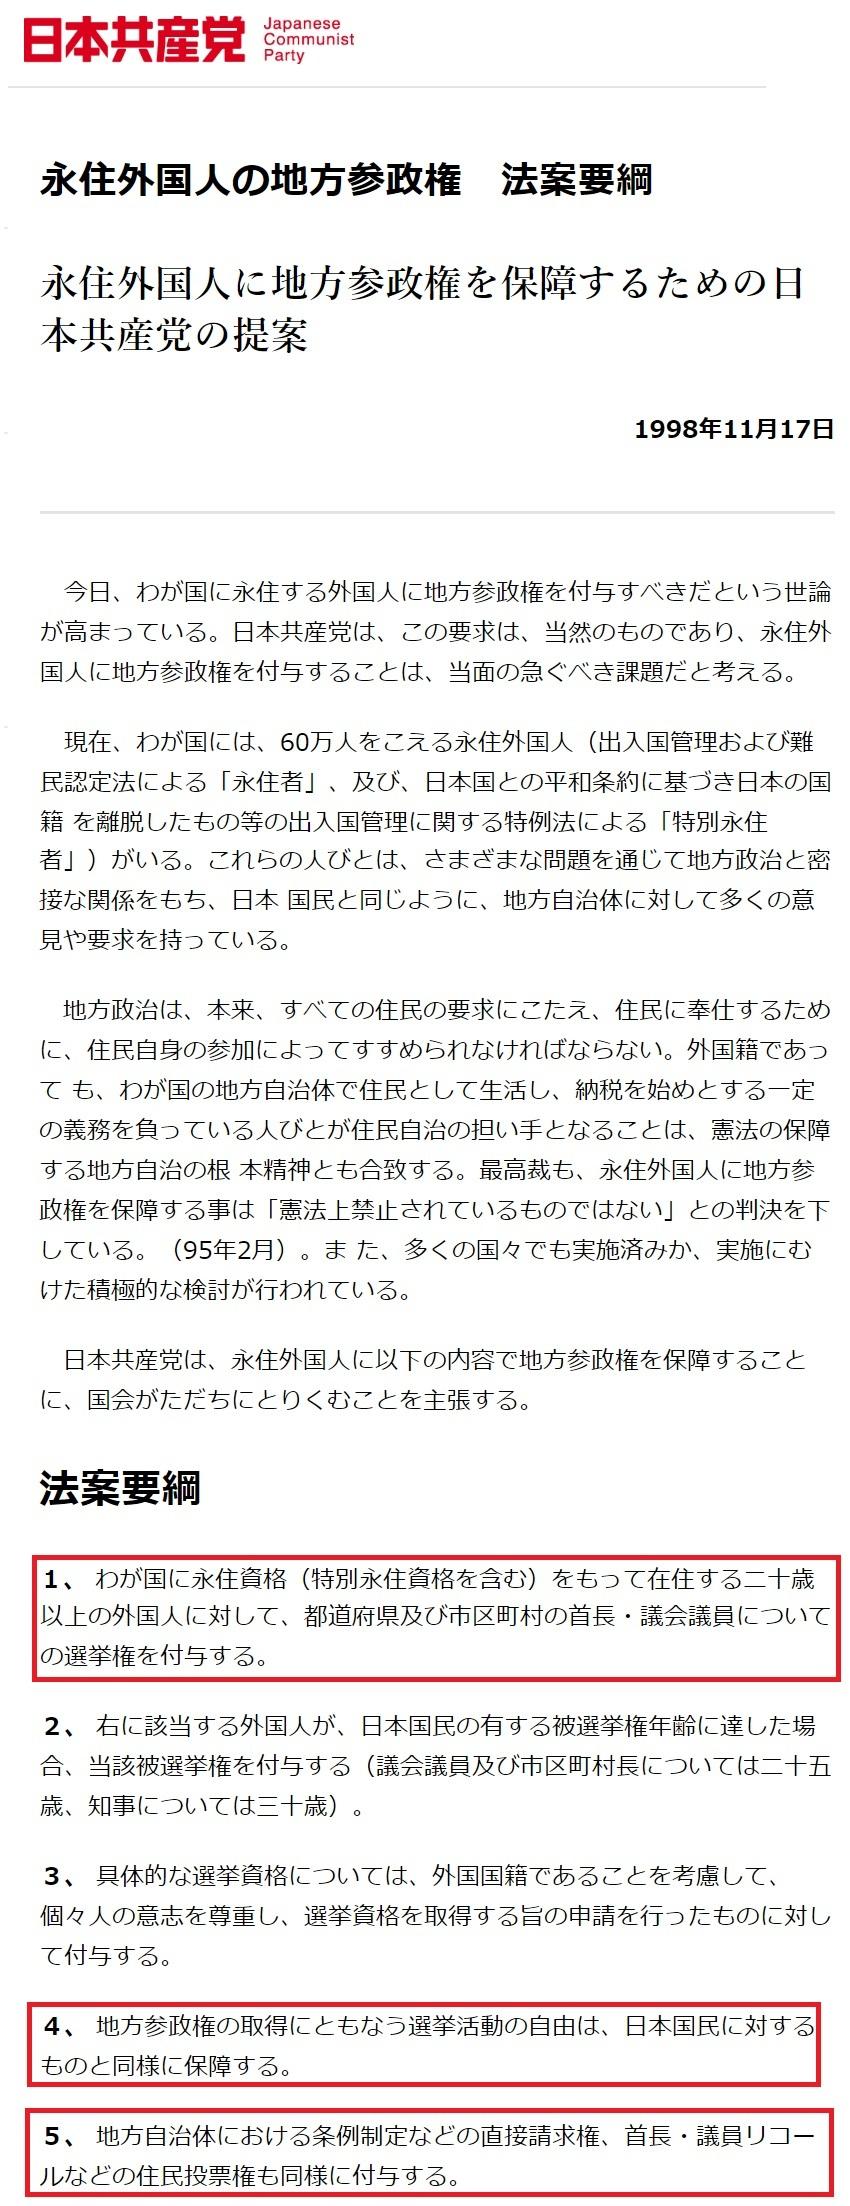 日本共産党の外国人参政権推進